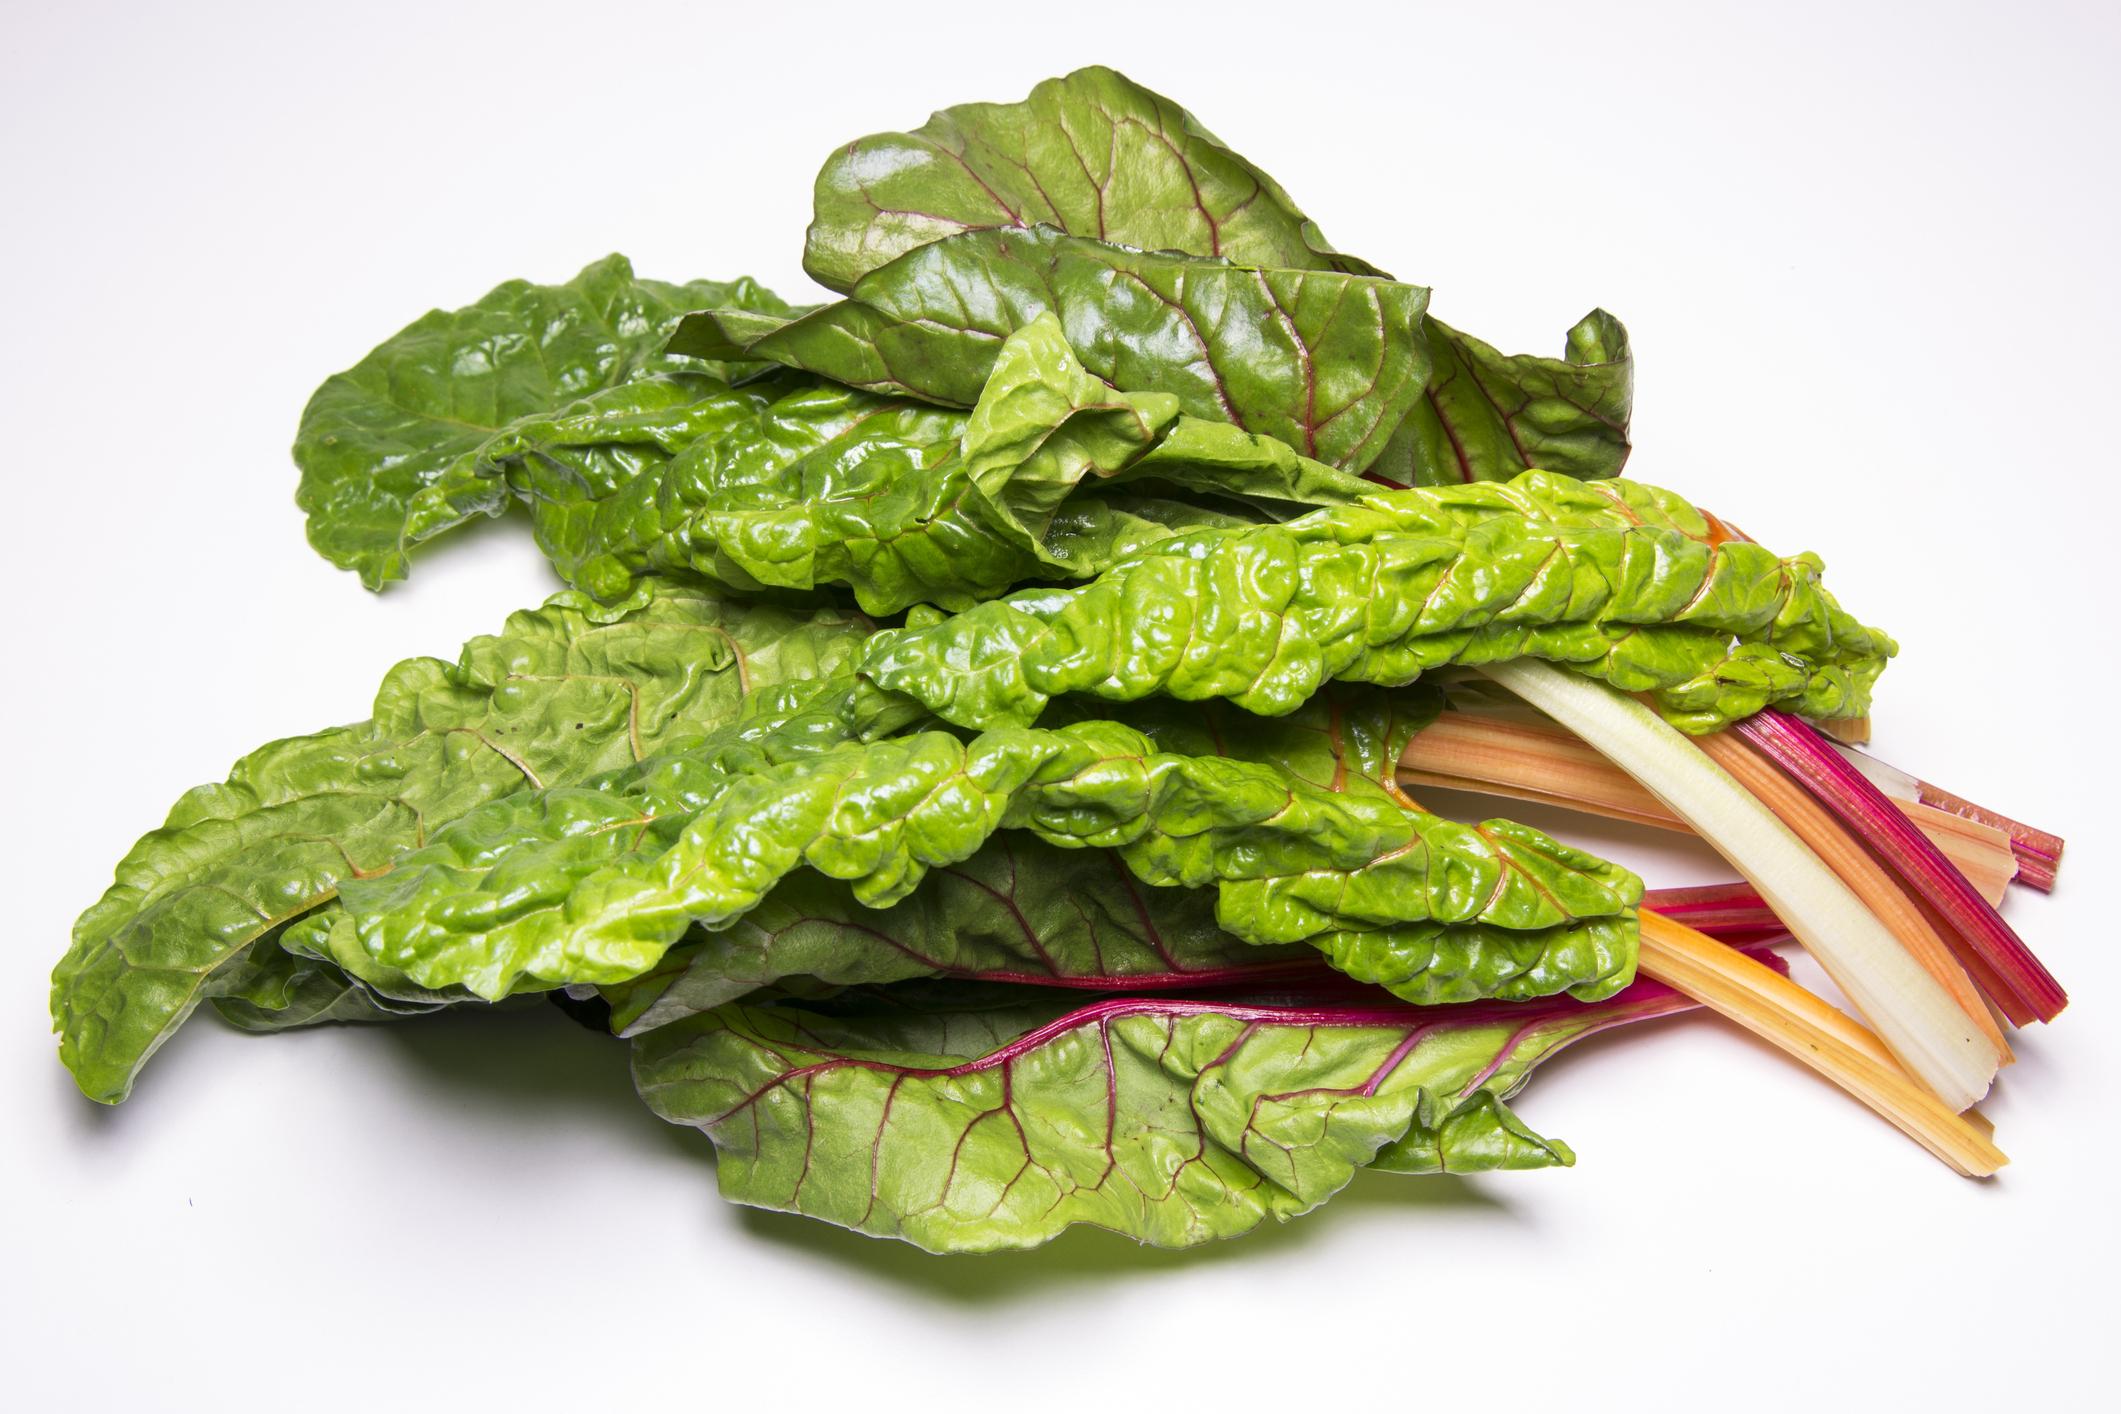 Спанаково или листно цвекло. Енергия от 100 грама – 19 калории. Хранителен източник, както и другите видове цвекло, на беталаини - растителни пигменти, които придават червен цвят. Те са важни за клетъчната структура, имат възстановителни свойства, особено за черния дроб и са силен антиоксидант. Коефициент на хранителна стойност – 78.